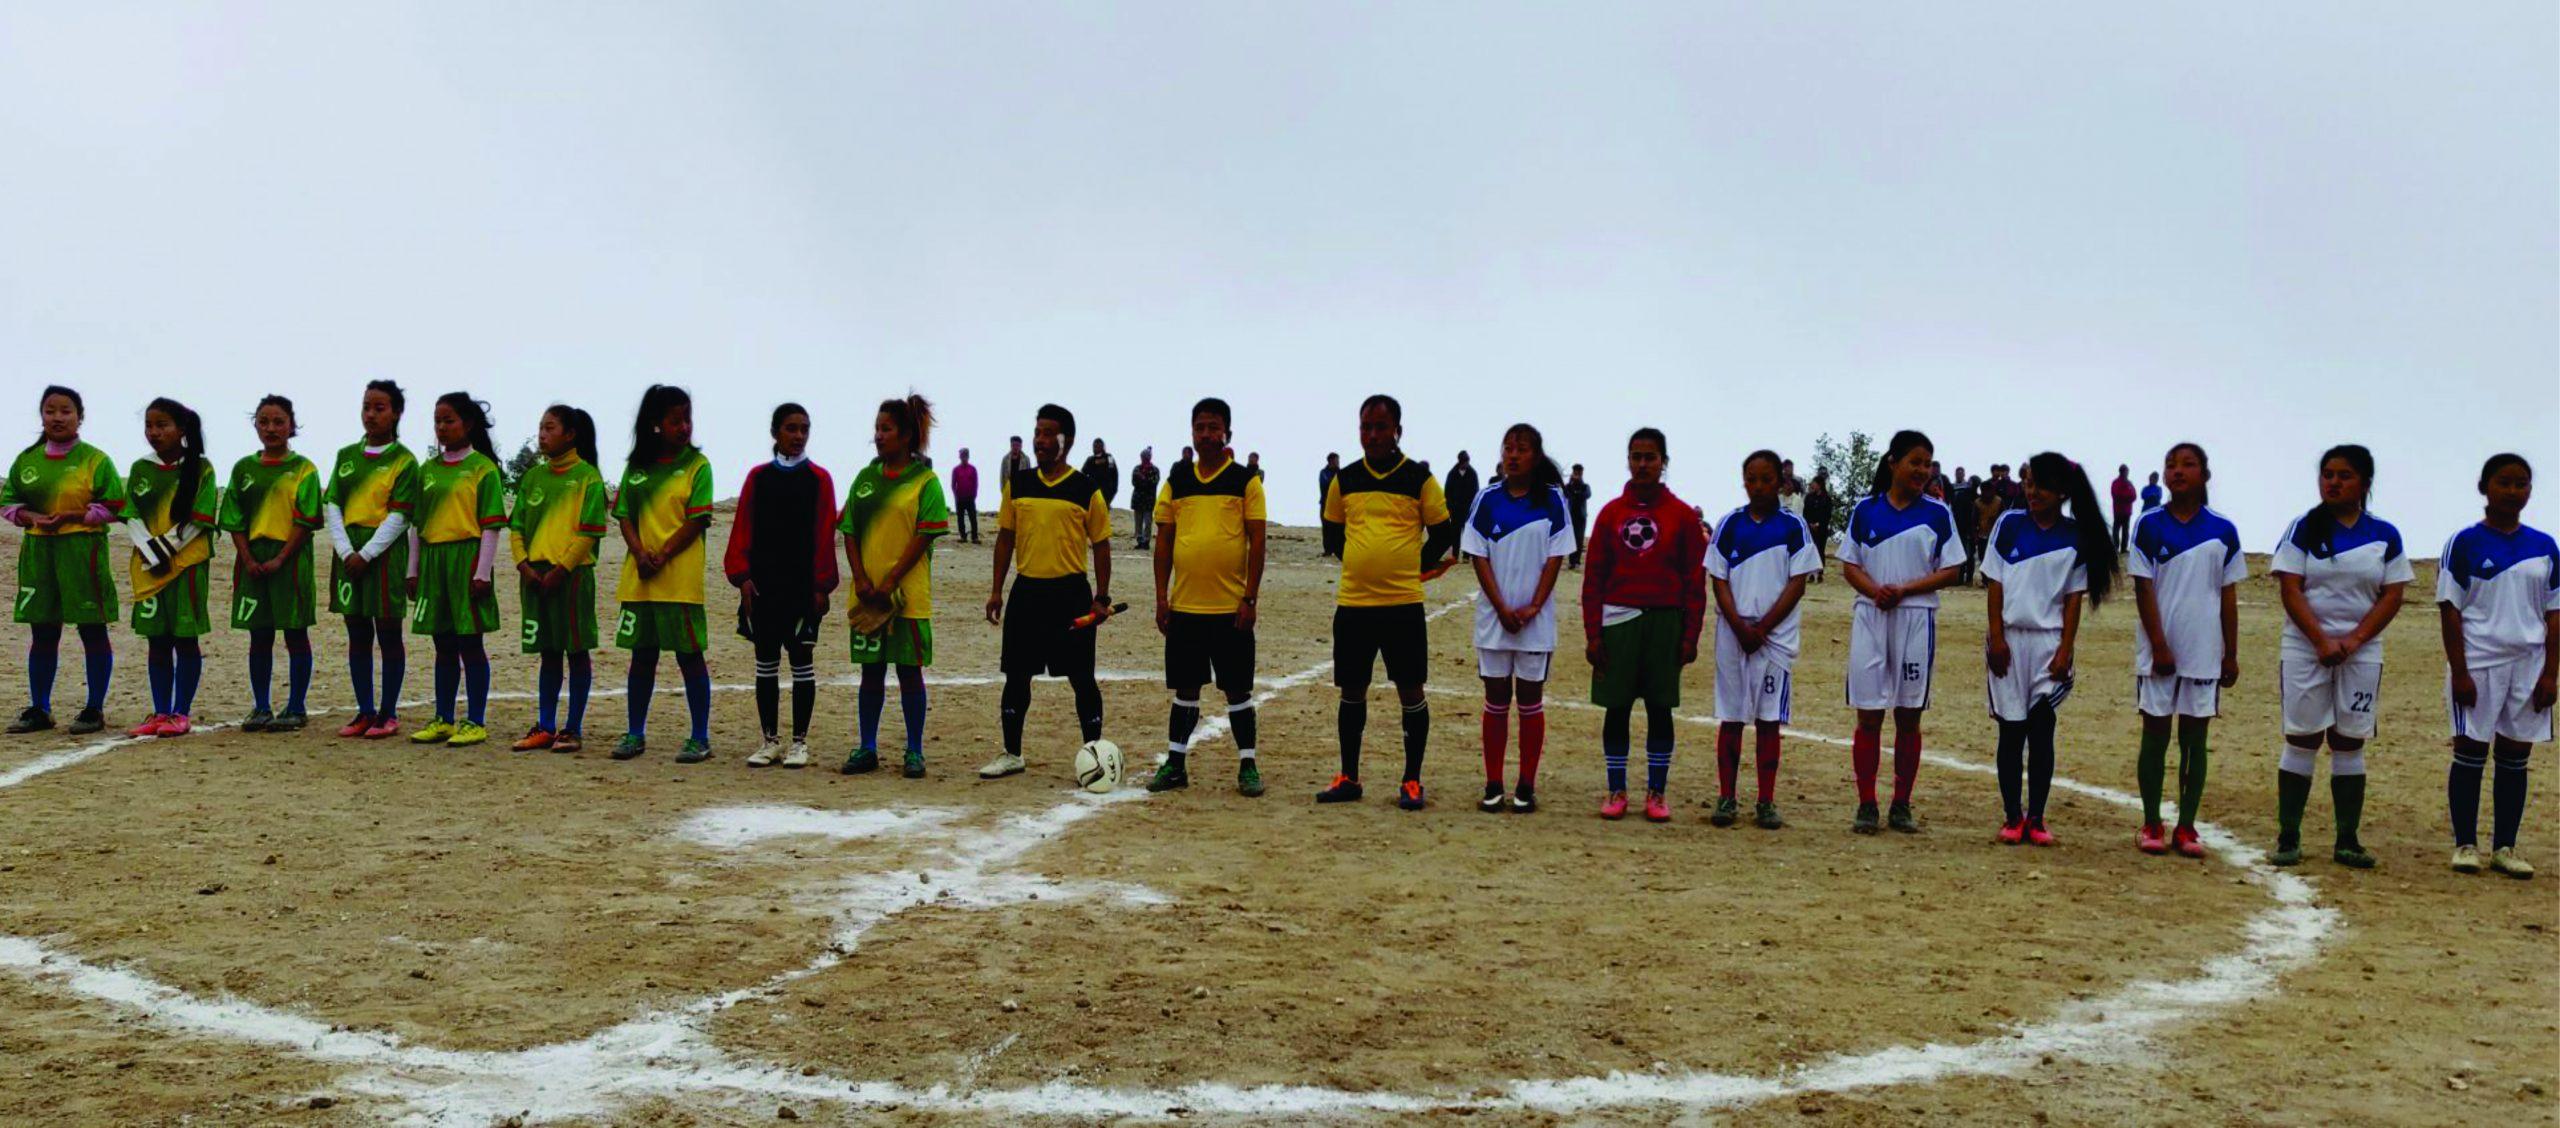 इलामको माङसेबुङमा अन्तर वडास्तरीय महिला फुटबल र पुरुष भलिबल सुरु